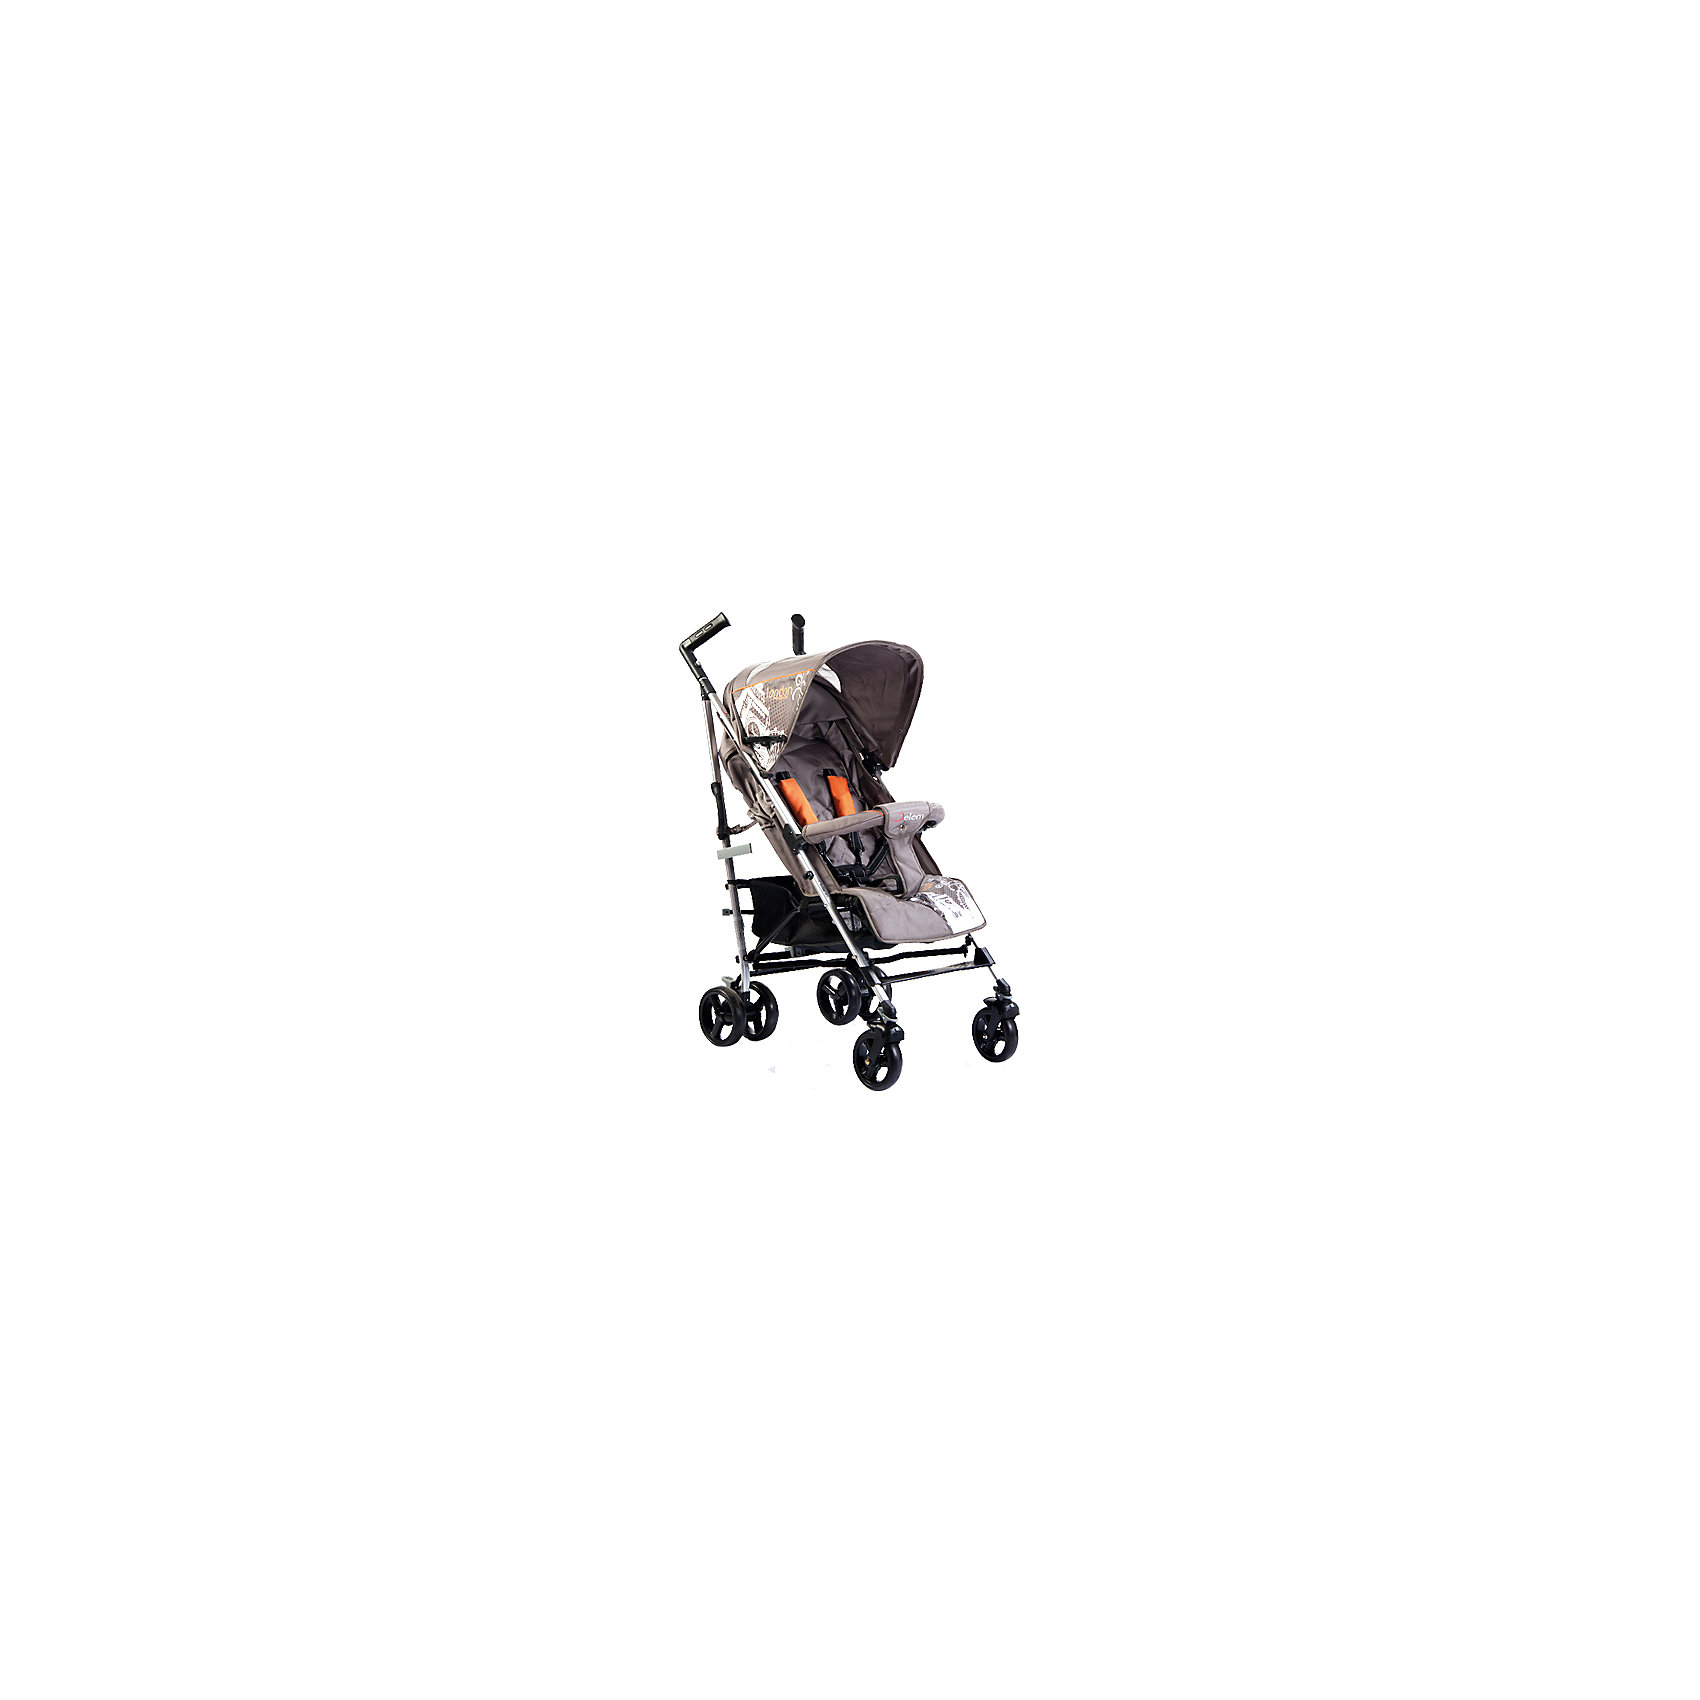 Коляска-трость Jetem London, бежевыйКоляски-трости<br>Jetem  London – прекрасный вариант для прогулок и путешествий! Прочная функциональная коляска трость - идеальный выбор для тех, кто не любит рисковать. Коляска оснащена системой амортизации для плавного хода. Передние одинарные поворотные колеса с фиксаторами; задние - сдвоенные , с тормозами придают  коляске особую маневренность и  проходимость на разных участках дороги. Мягкий матрасик, широкое спальное место, капюшон, опускающийся до бампера, обеспечат вашему ребенку максимальный комфорт во время прогулок. А 5-титочечные ремни и съемный бампер с ограничителем для ножек - безопасность крохи. Коляска легко складывается, занимает мало места при транспортировке и хранении, имеет удобные эргономичные ручки с регулировкой по высоте и вместительную корзину для покупок.<br><br>Дополнительная информация:<br><br>- Комплектация: коляска, чехол на ножки.<br>- Материал: металл, пластик, текстиль.<br>- Размер: 48х85х100 см.<br>- Размер в сложенном виде: 30х28х100см.<br>- Ширина колесной базы: 48 см.<br>- Размер сиденья: 34 см.<br>- Размер спального места: 34х82 см.<br>- Вес: 7,8 кг.<br>- Количество колес: 4 ( задние - сдвоенные).<br>- Диаметр колес: 15 см.<br>- Цвет: бежевый.<br>- Передние колеса поворотные, с возможностью блокировки.<br>- Система амортизации.<br>- Стояночный тормоз.<br>- 5-ти точечные ремни безопасности.<br>- Разъемный бампер, разделить для ног.<br>- Регулировка спинки в  положениях (максимальный наклон 170 градусов).<br>- Солнцезащитный козырек.<br>- Эргономичные ручки<br>- Вместительная корзина для покупок.<br>- Ручка для переноски коляски в сложенном состоянии.<br>- Максимальный вес ребенка: до 18 кг.<br><br>Коляску-трость London, Jetem (Жетем), бежевую, можно купить в нашем магазине.<br><br>Ширина мм: 1000<br>Глубина мм: 200<br>Высота мм: 300<br>Вес г: 9000<br>Возраст от месяцев: 6<br>Возраст до месяцев: 36<br>Пол: Унисекс<br>Возраст: Детский<br>SKU: 3995783